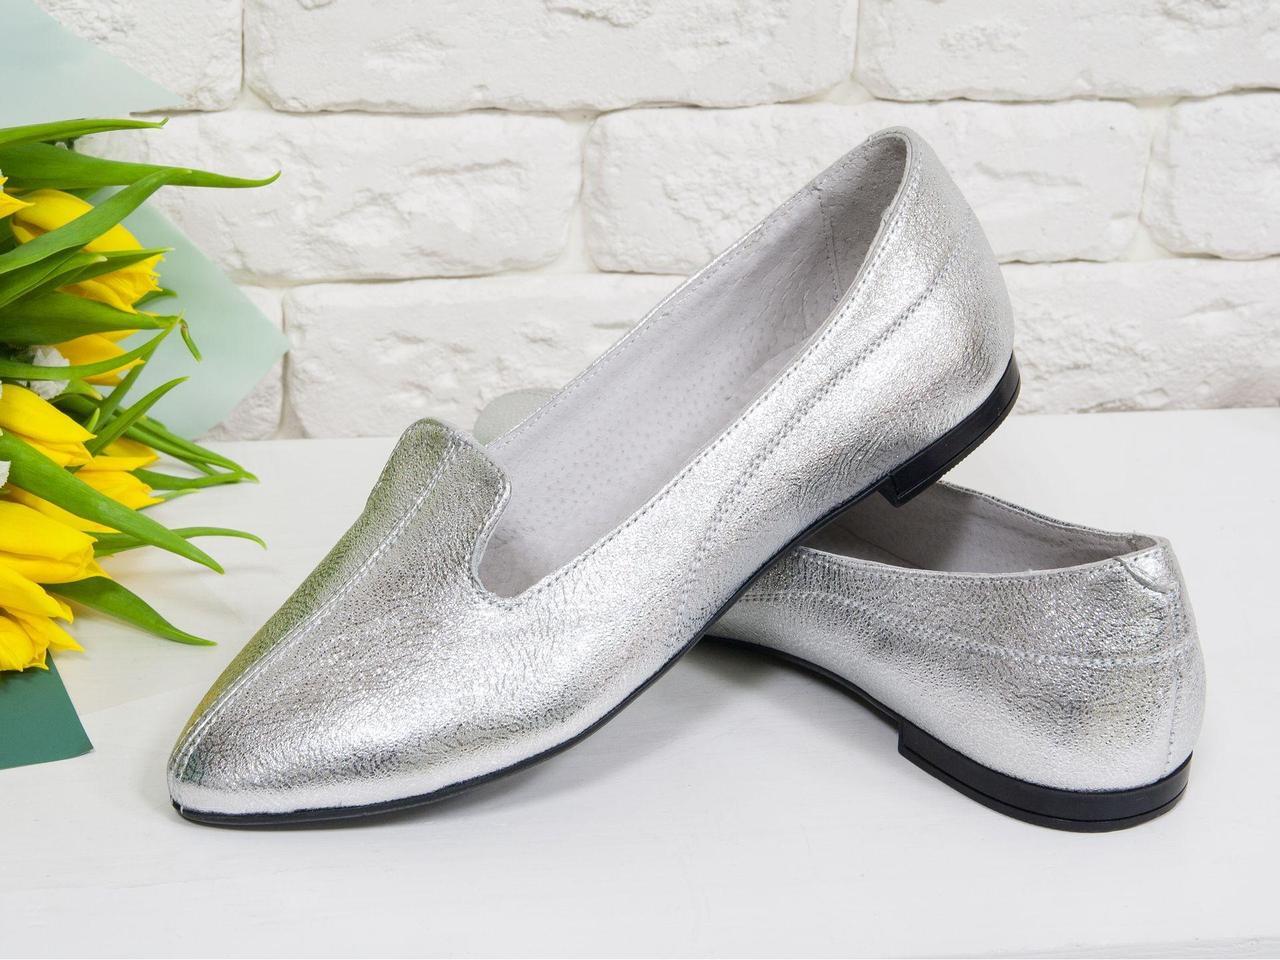 Облегченные туфли из натуральной кожи красивого серебряного цвета, на облегченной тонкой подошве черного цвета,  Д-17-06